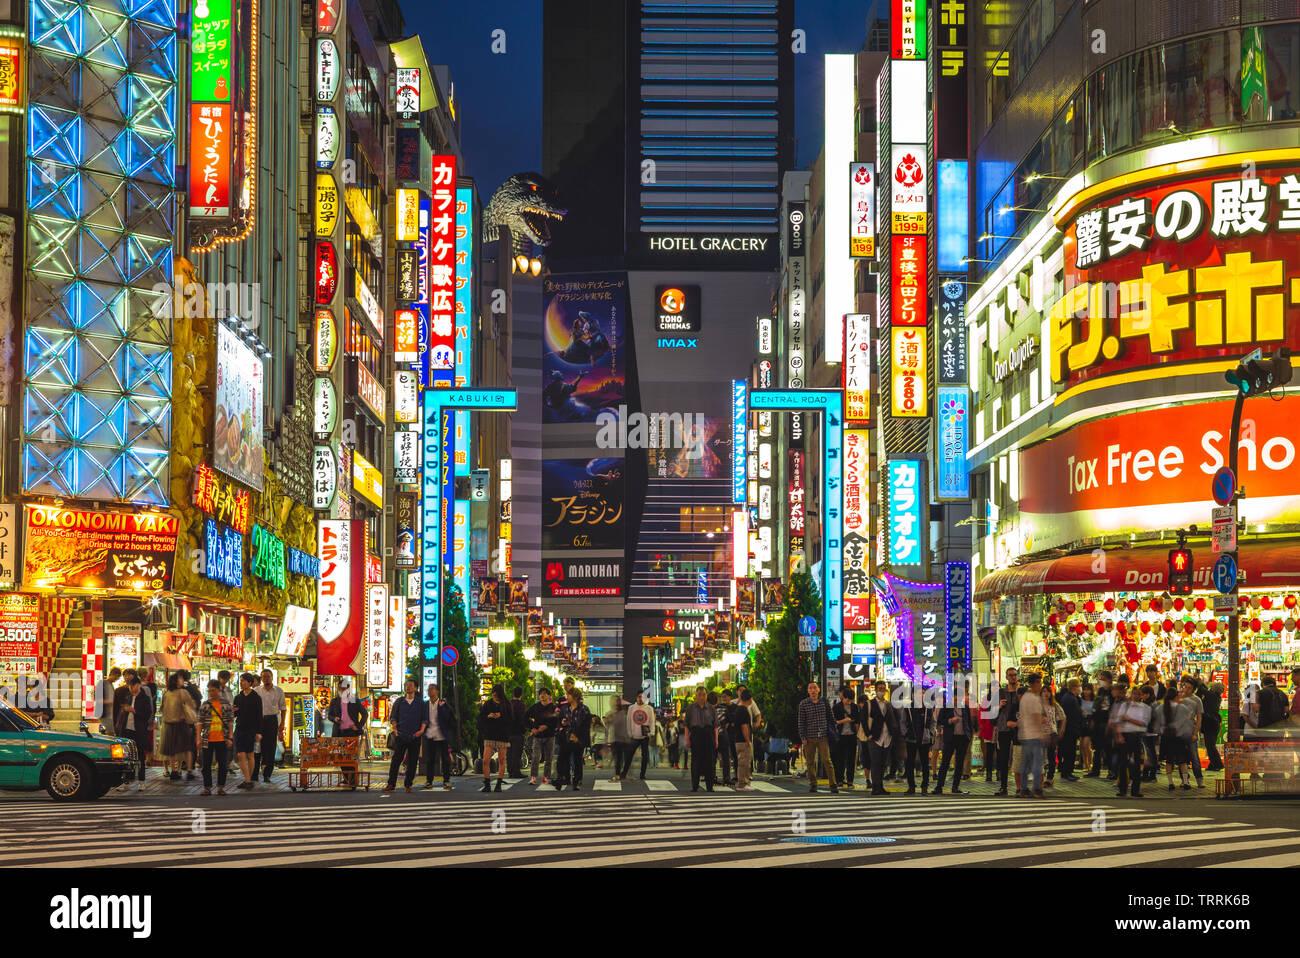 Tokyo Japan June 11 2019 Godzilla Head At Shinjuku